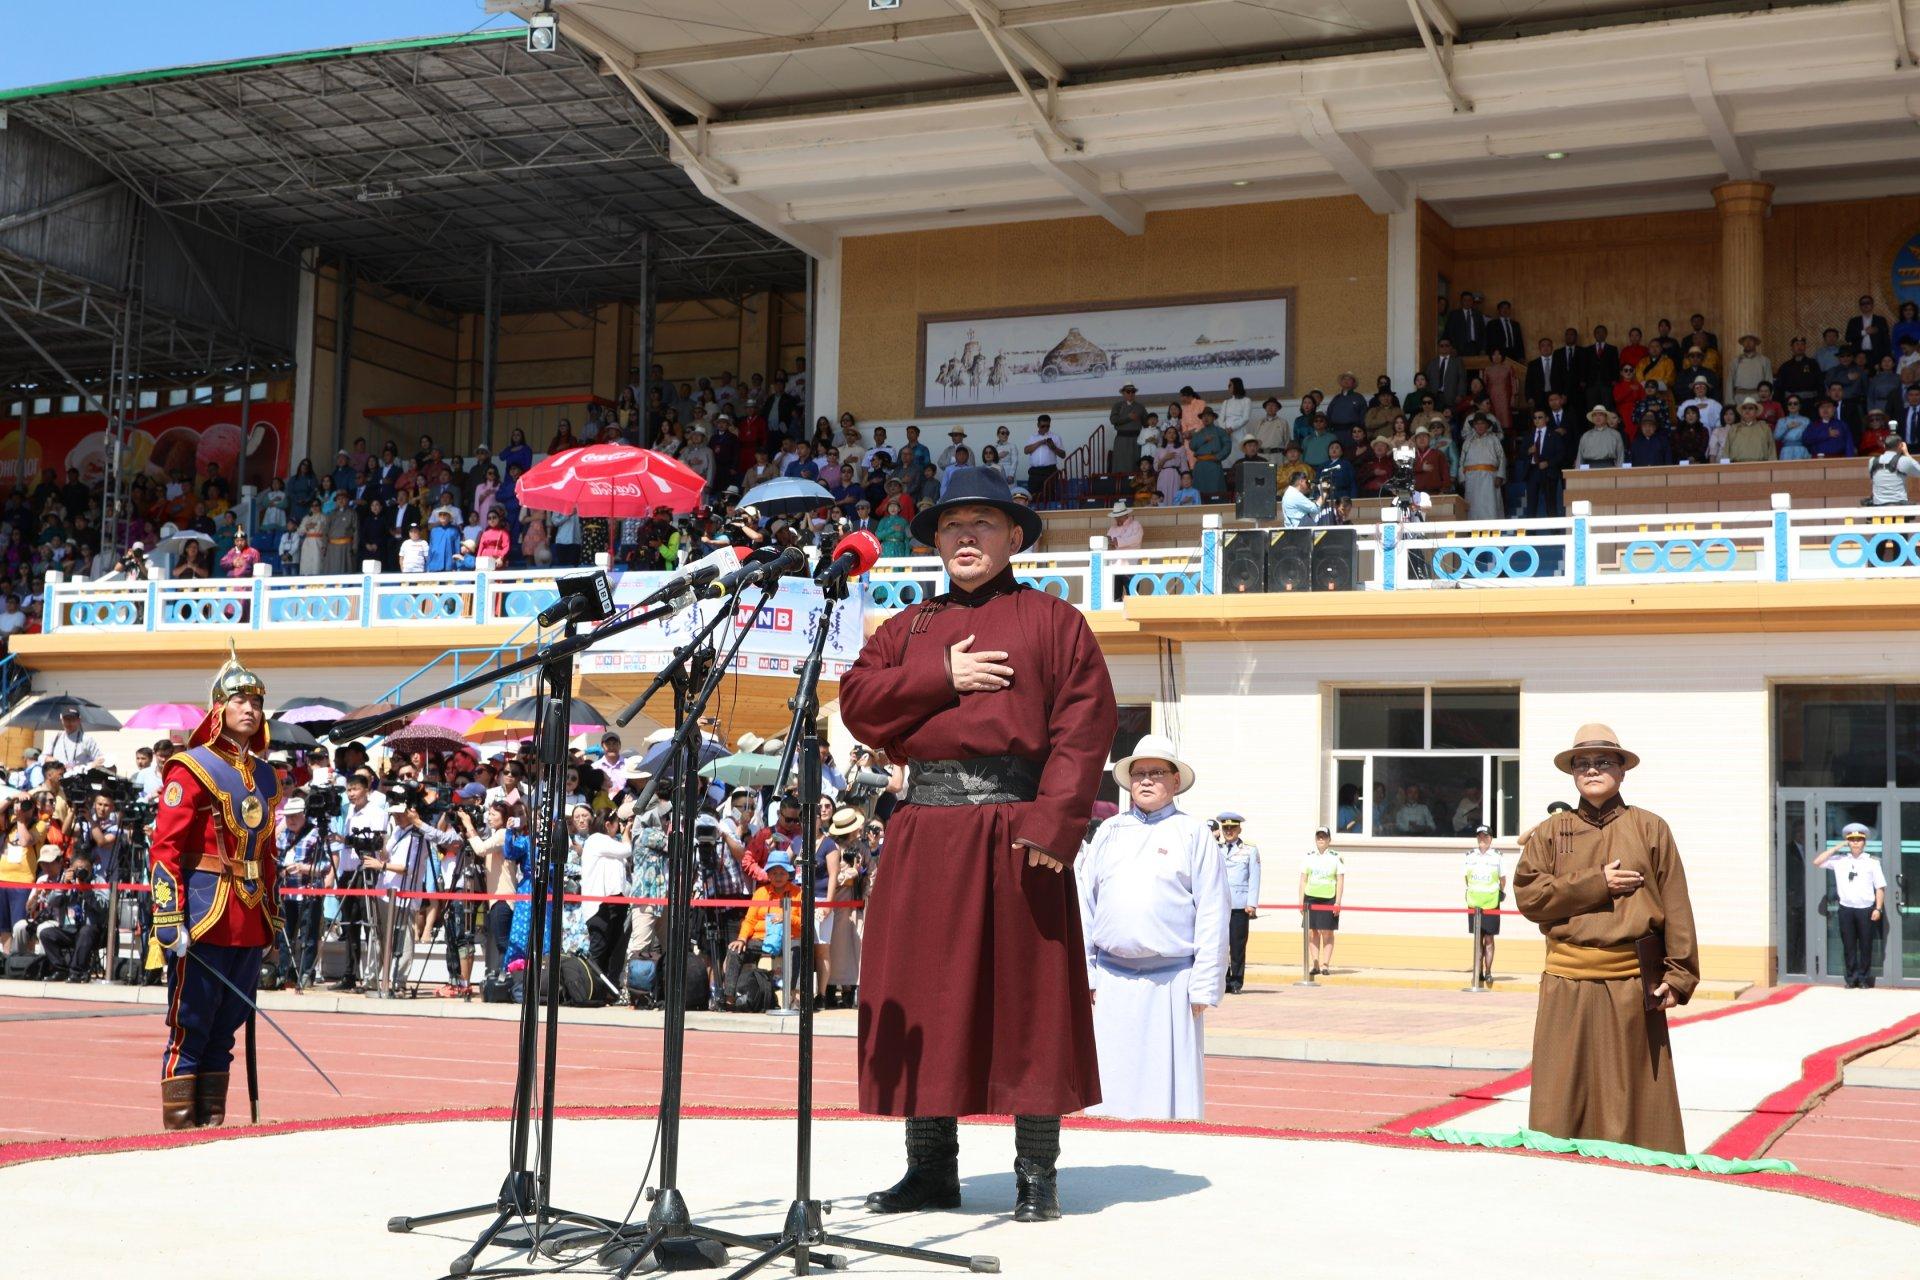 Х.Баттулга: Монгол төрийн их наадам нь Та биднийг бие сэтгэлээрээ жинхэнэ монгол хүн хэмээн ойлгуулж, ижилсүүлдэг баяр юм